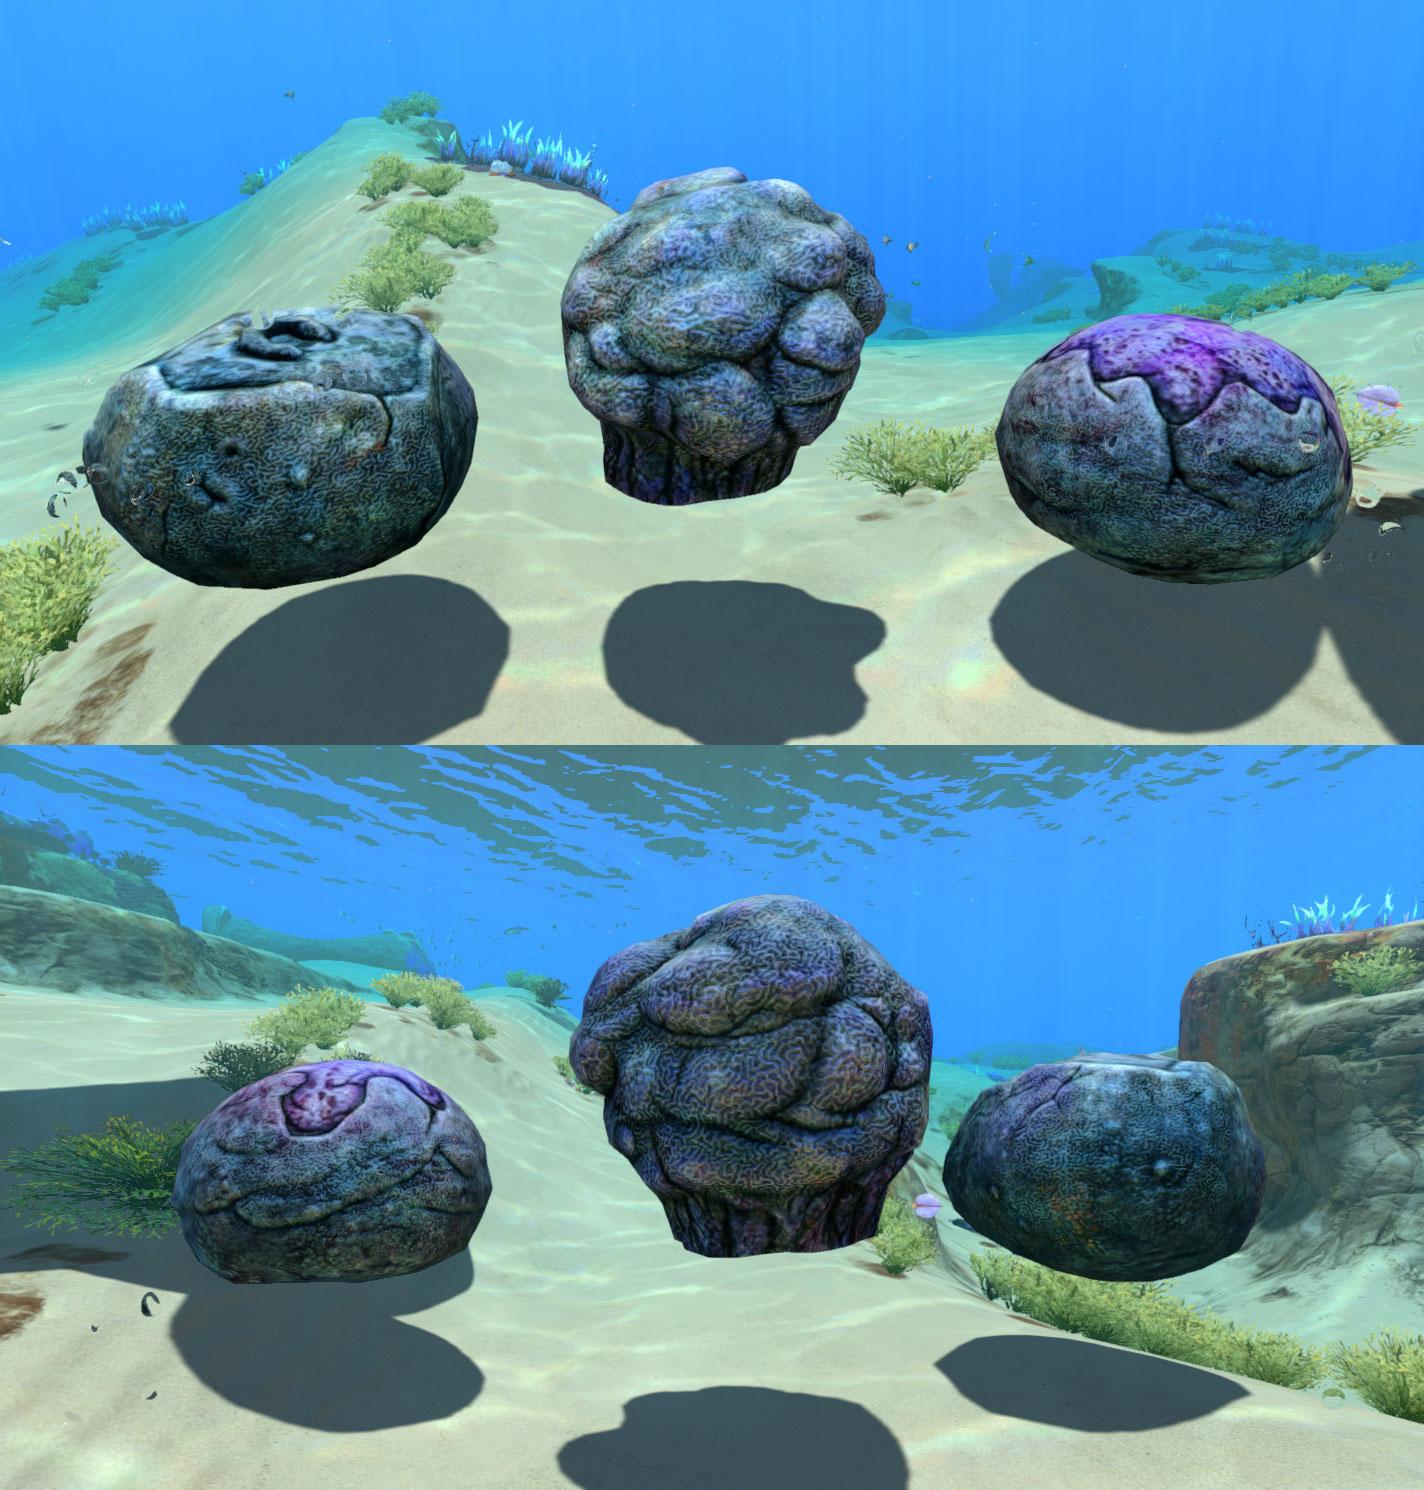 reefback_corals.jpg